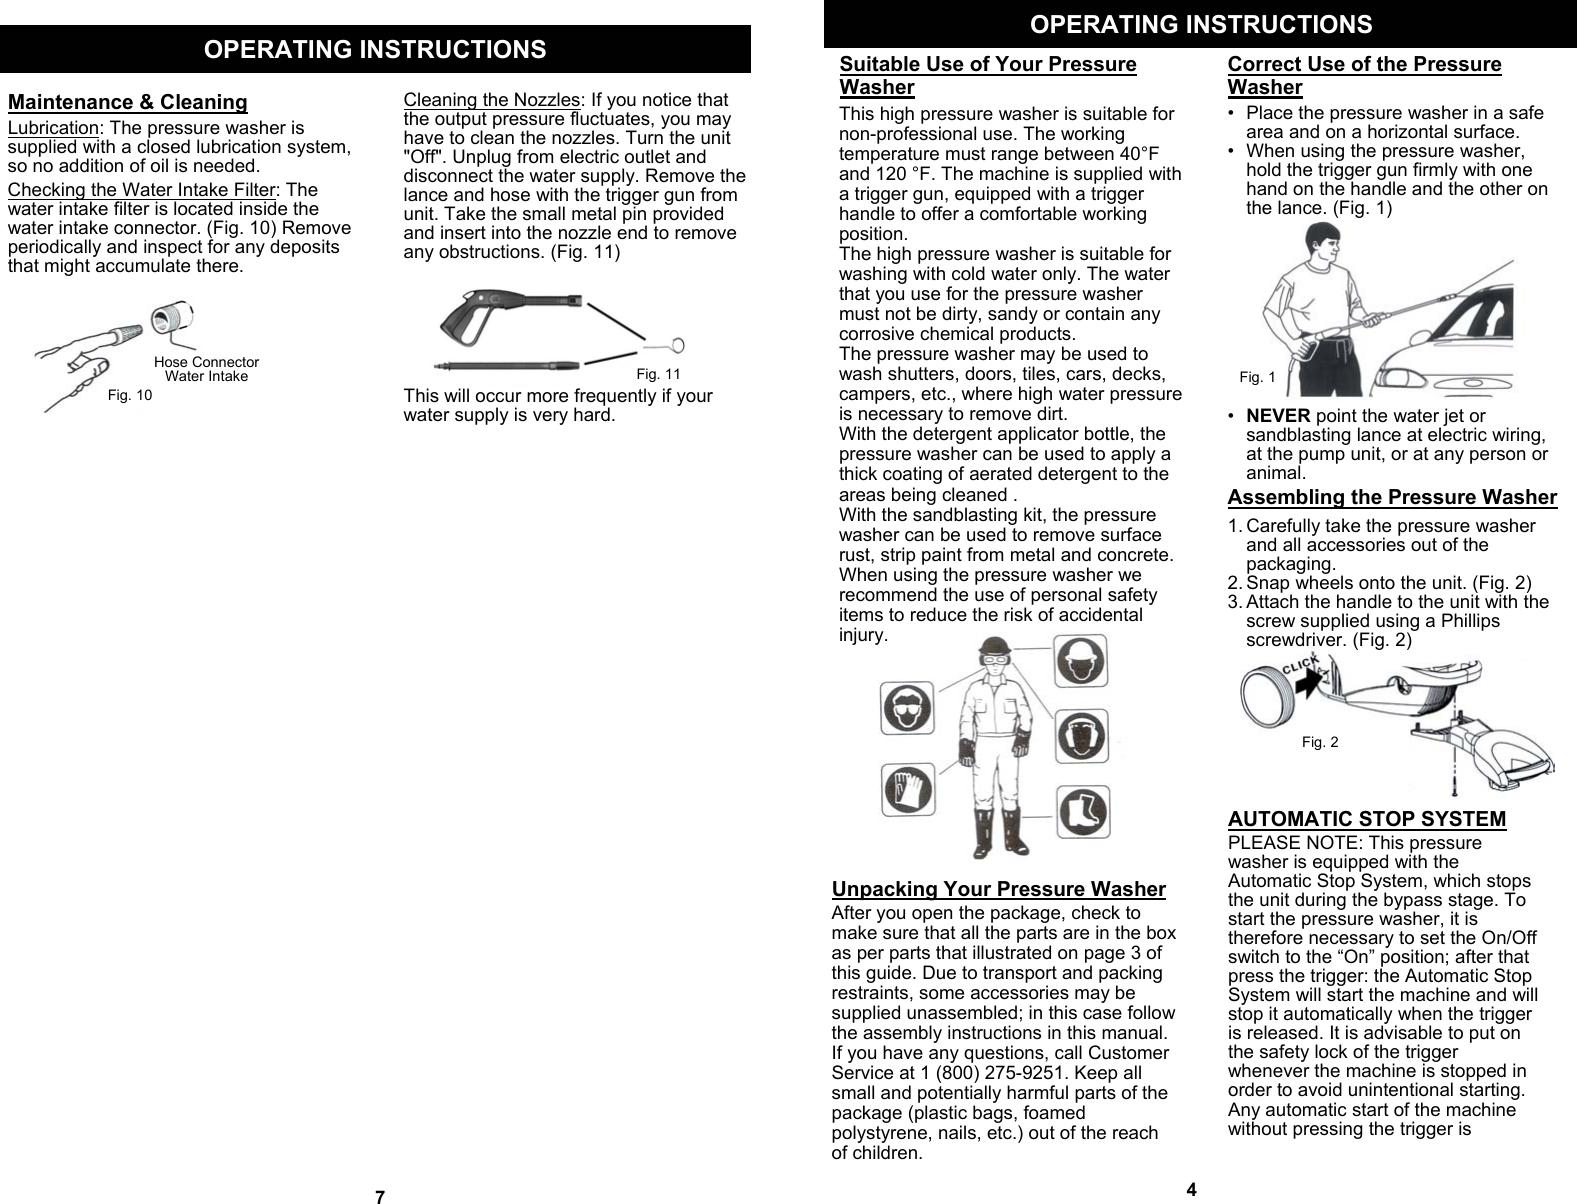 Fantom Vacuum Vpw40H Users Manual 1